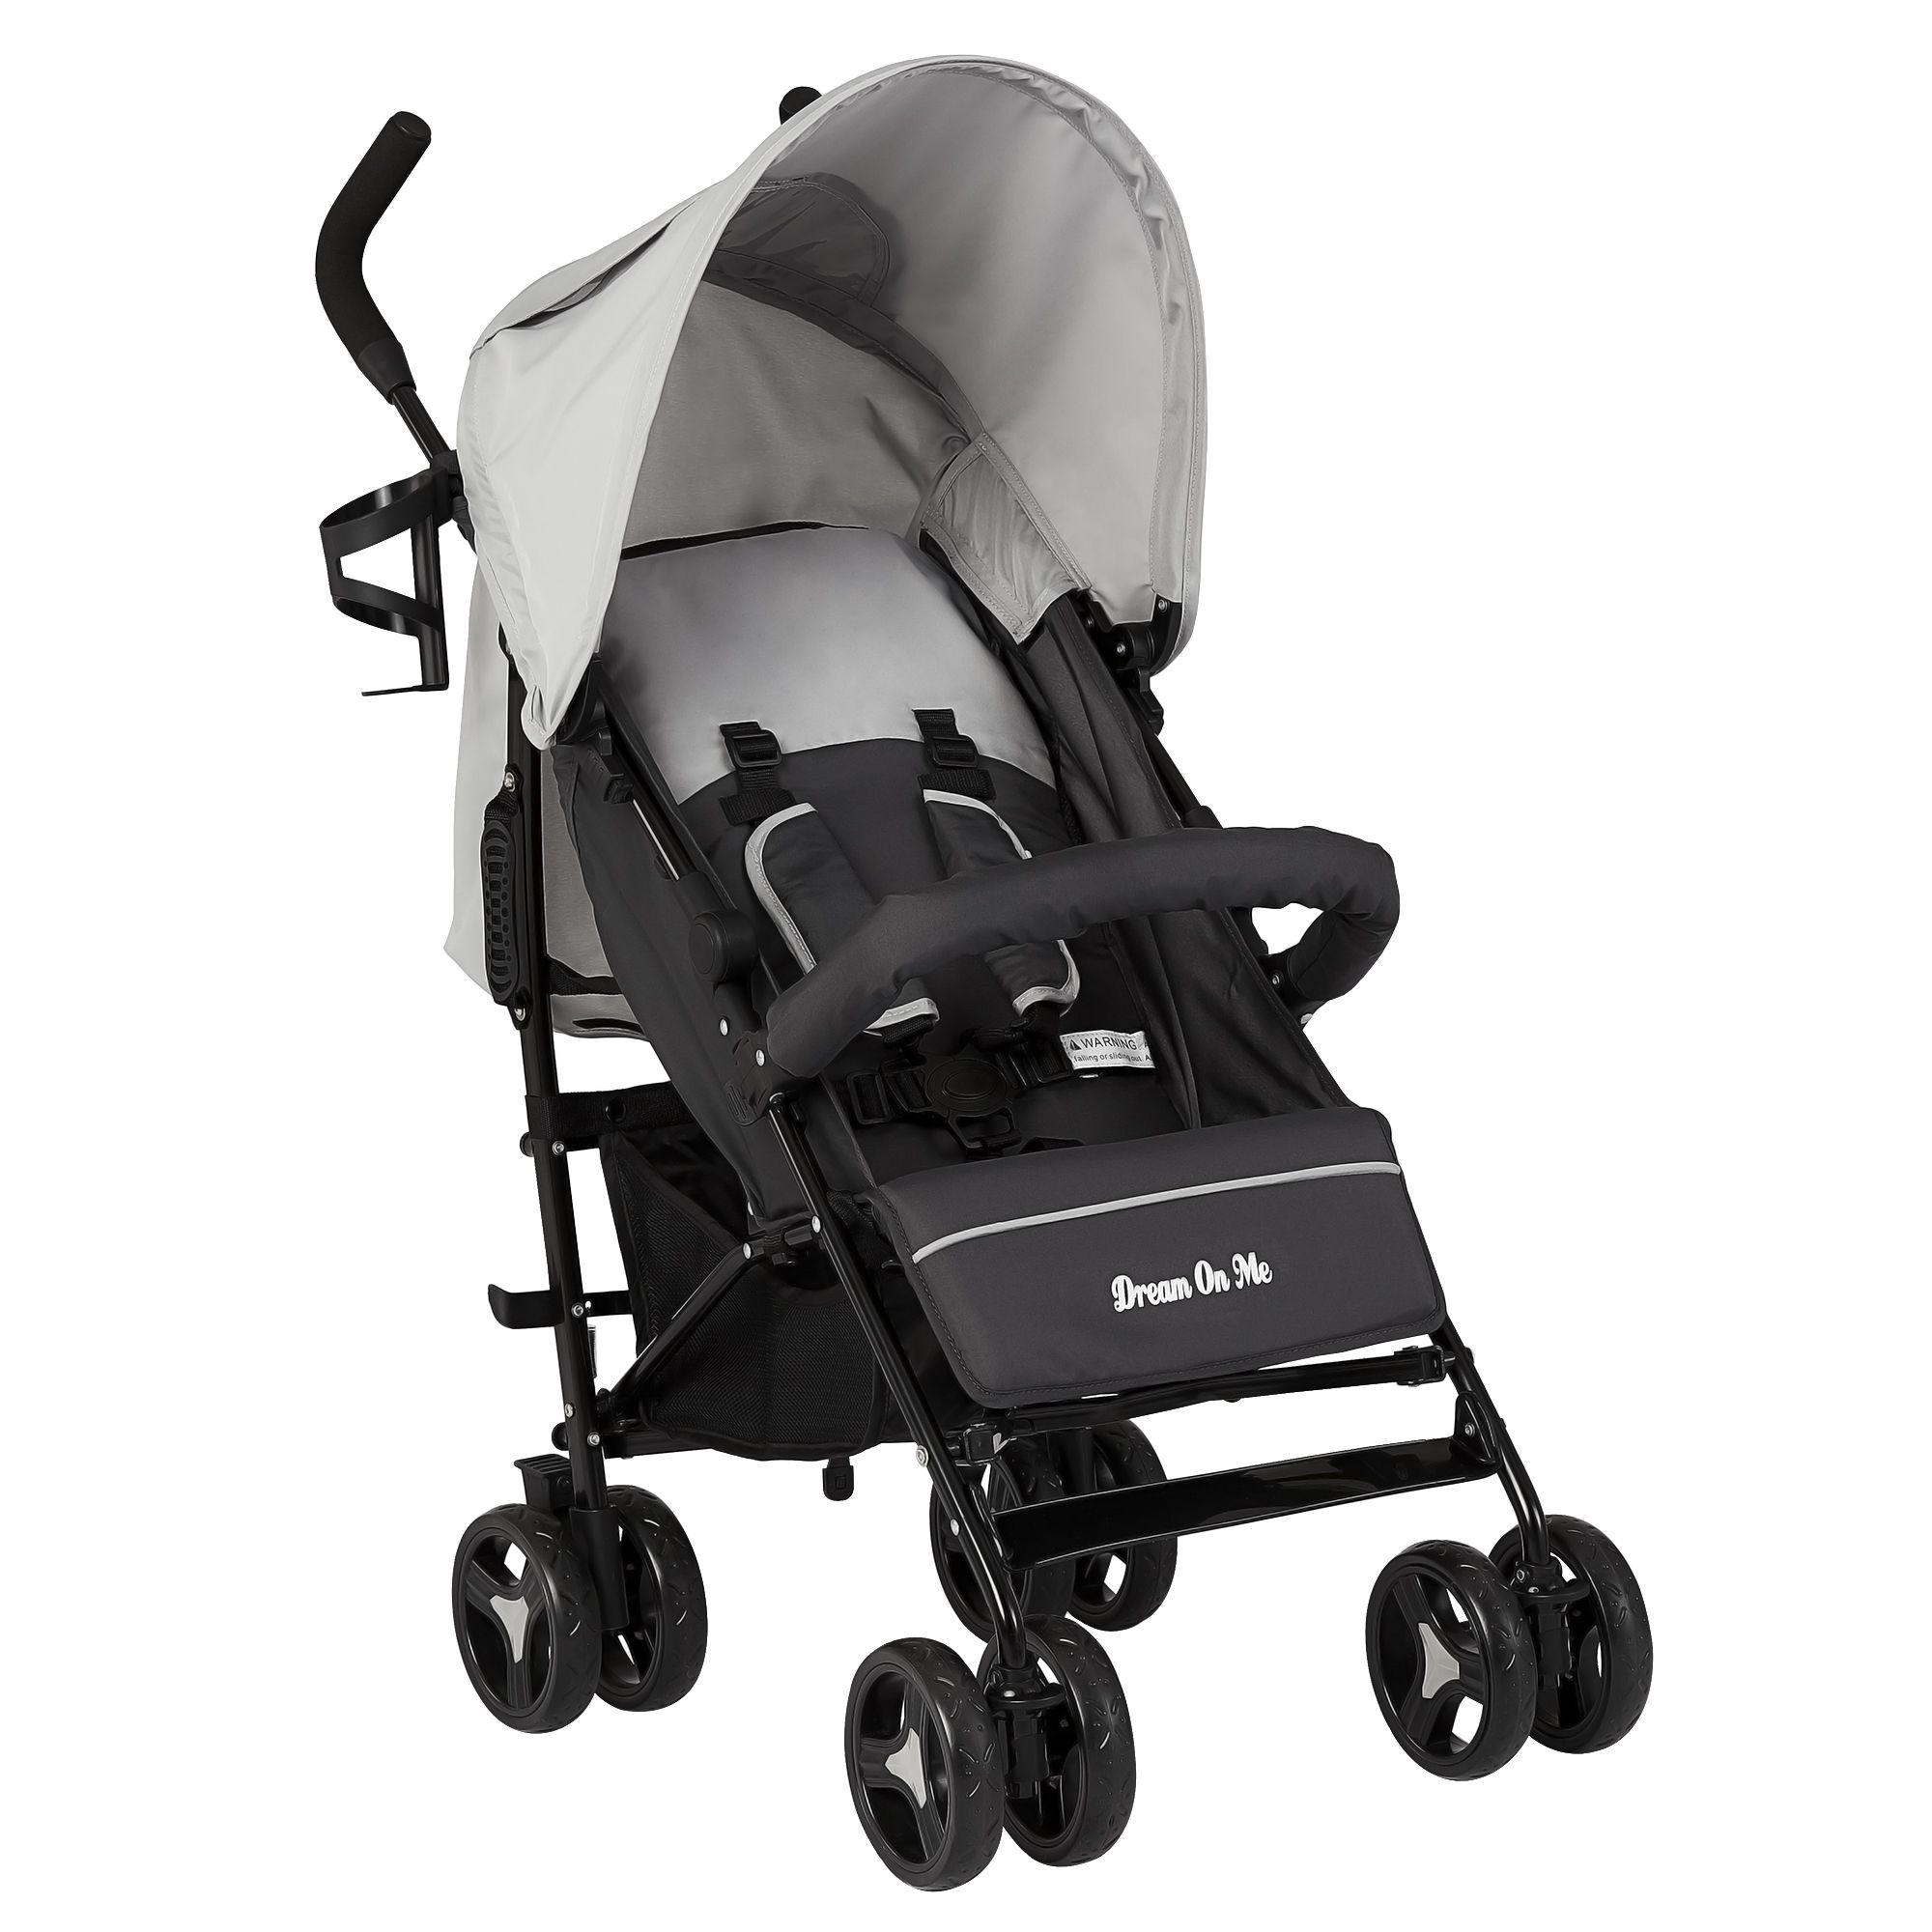 Baby Best lightweight stroller, Umbrella stroller, Best